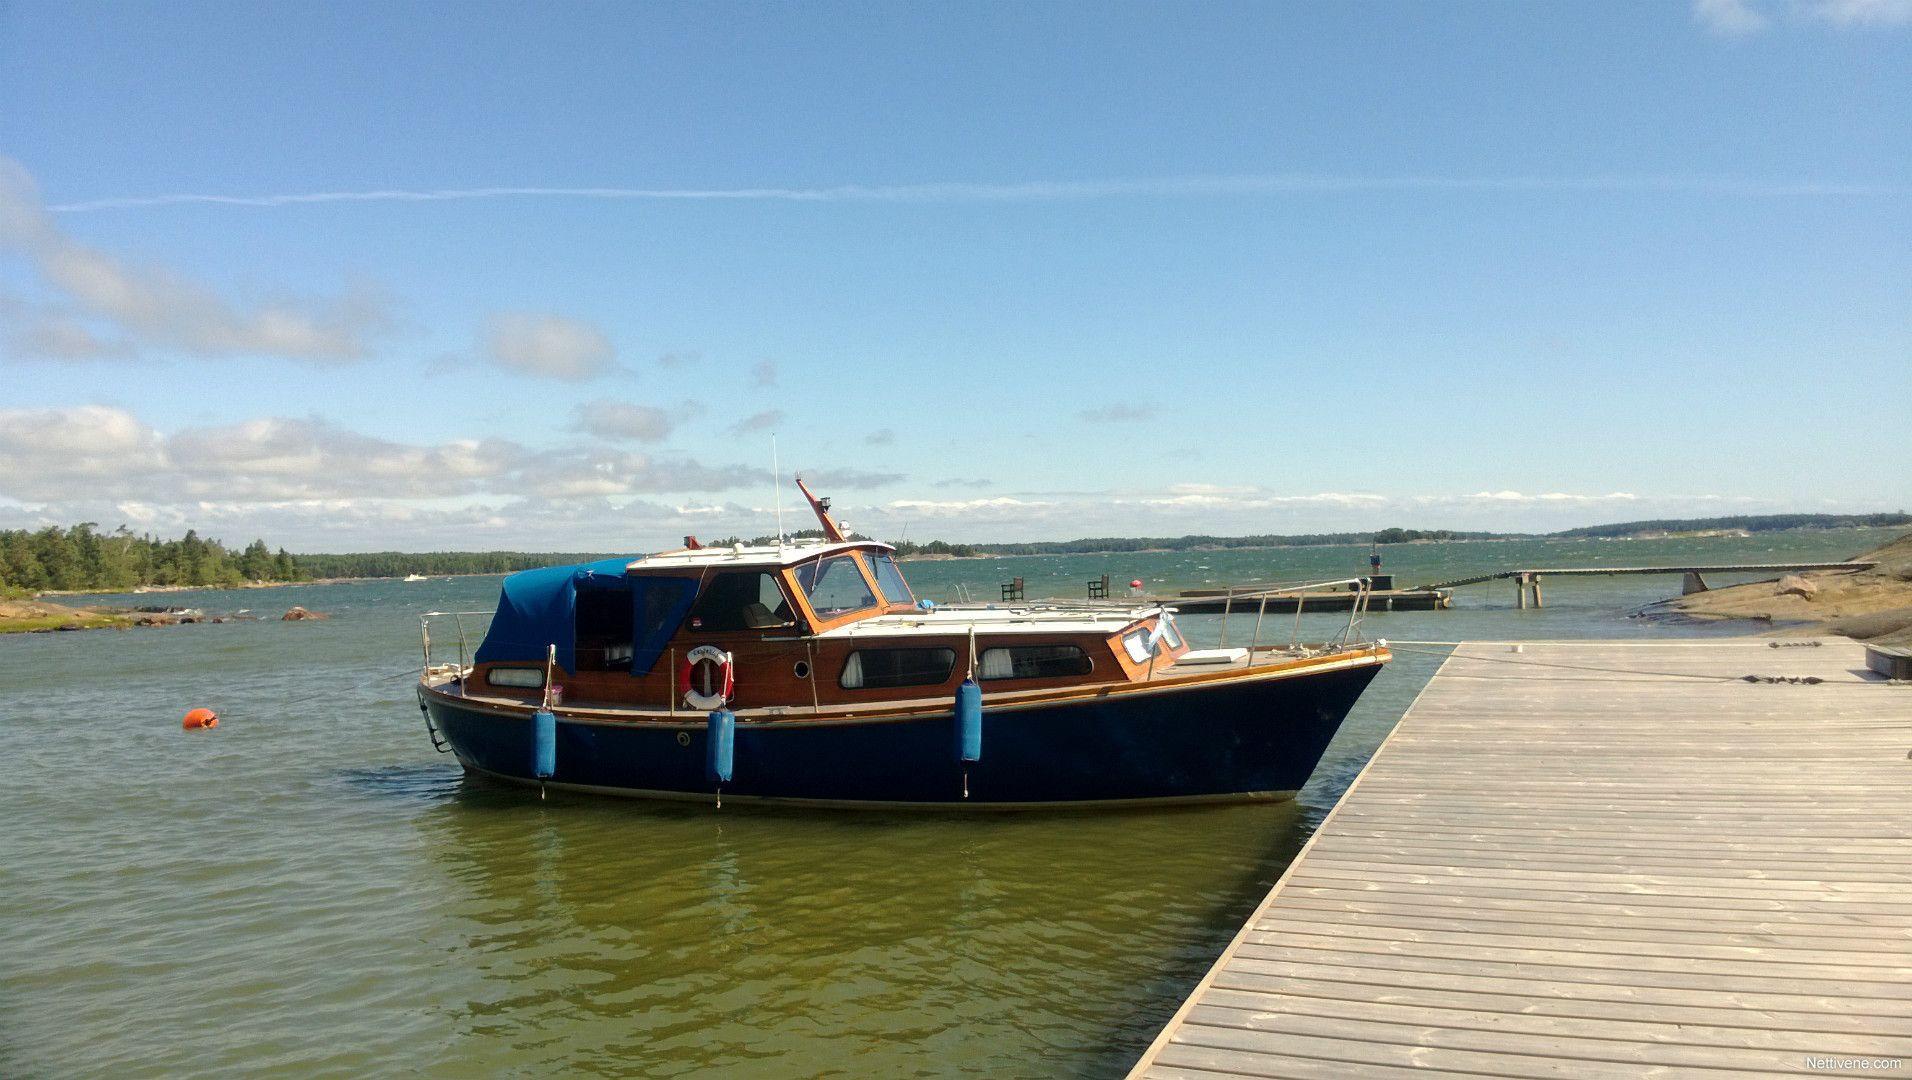 Nyt myynnissä Family cruiser moottorivene - Hämeenlinna, Kanta-Häme. Klikkaa tästä kuvat ja lisätiedot.